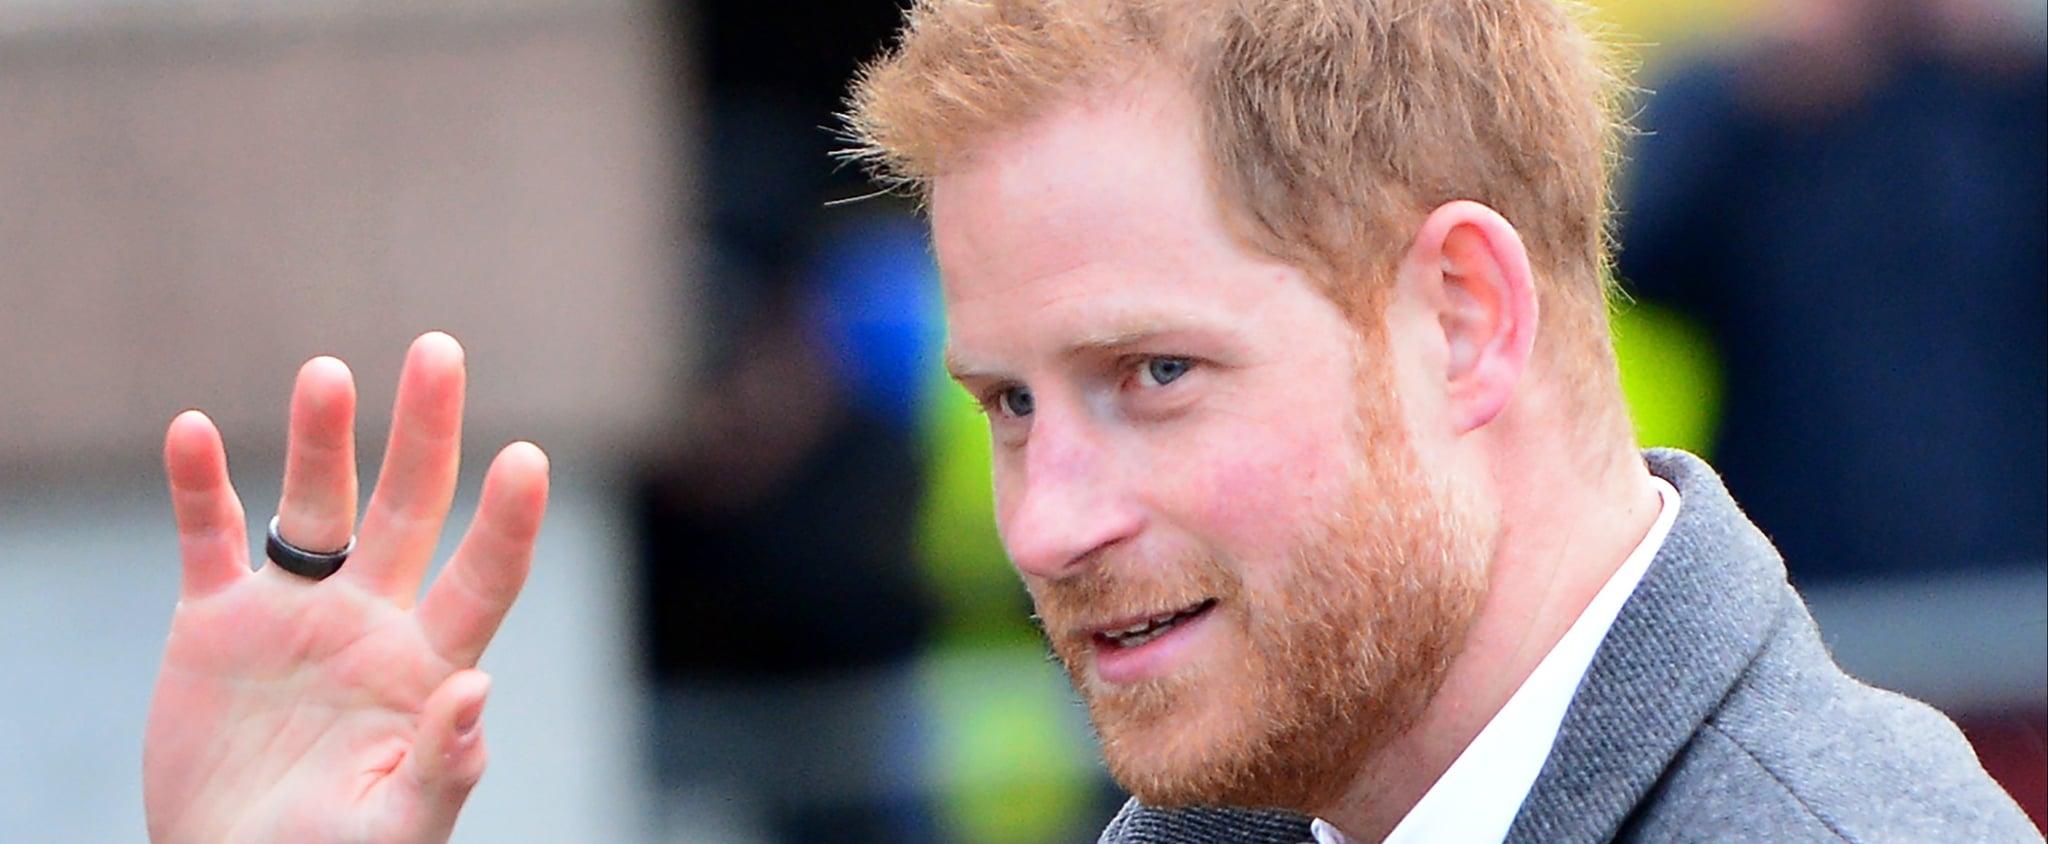 صور الأمير هاري وهو جذاب في عام 2019